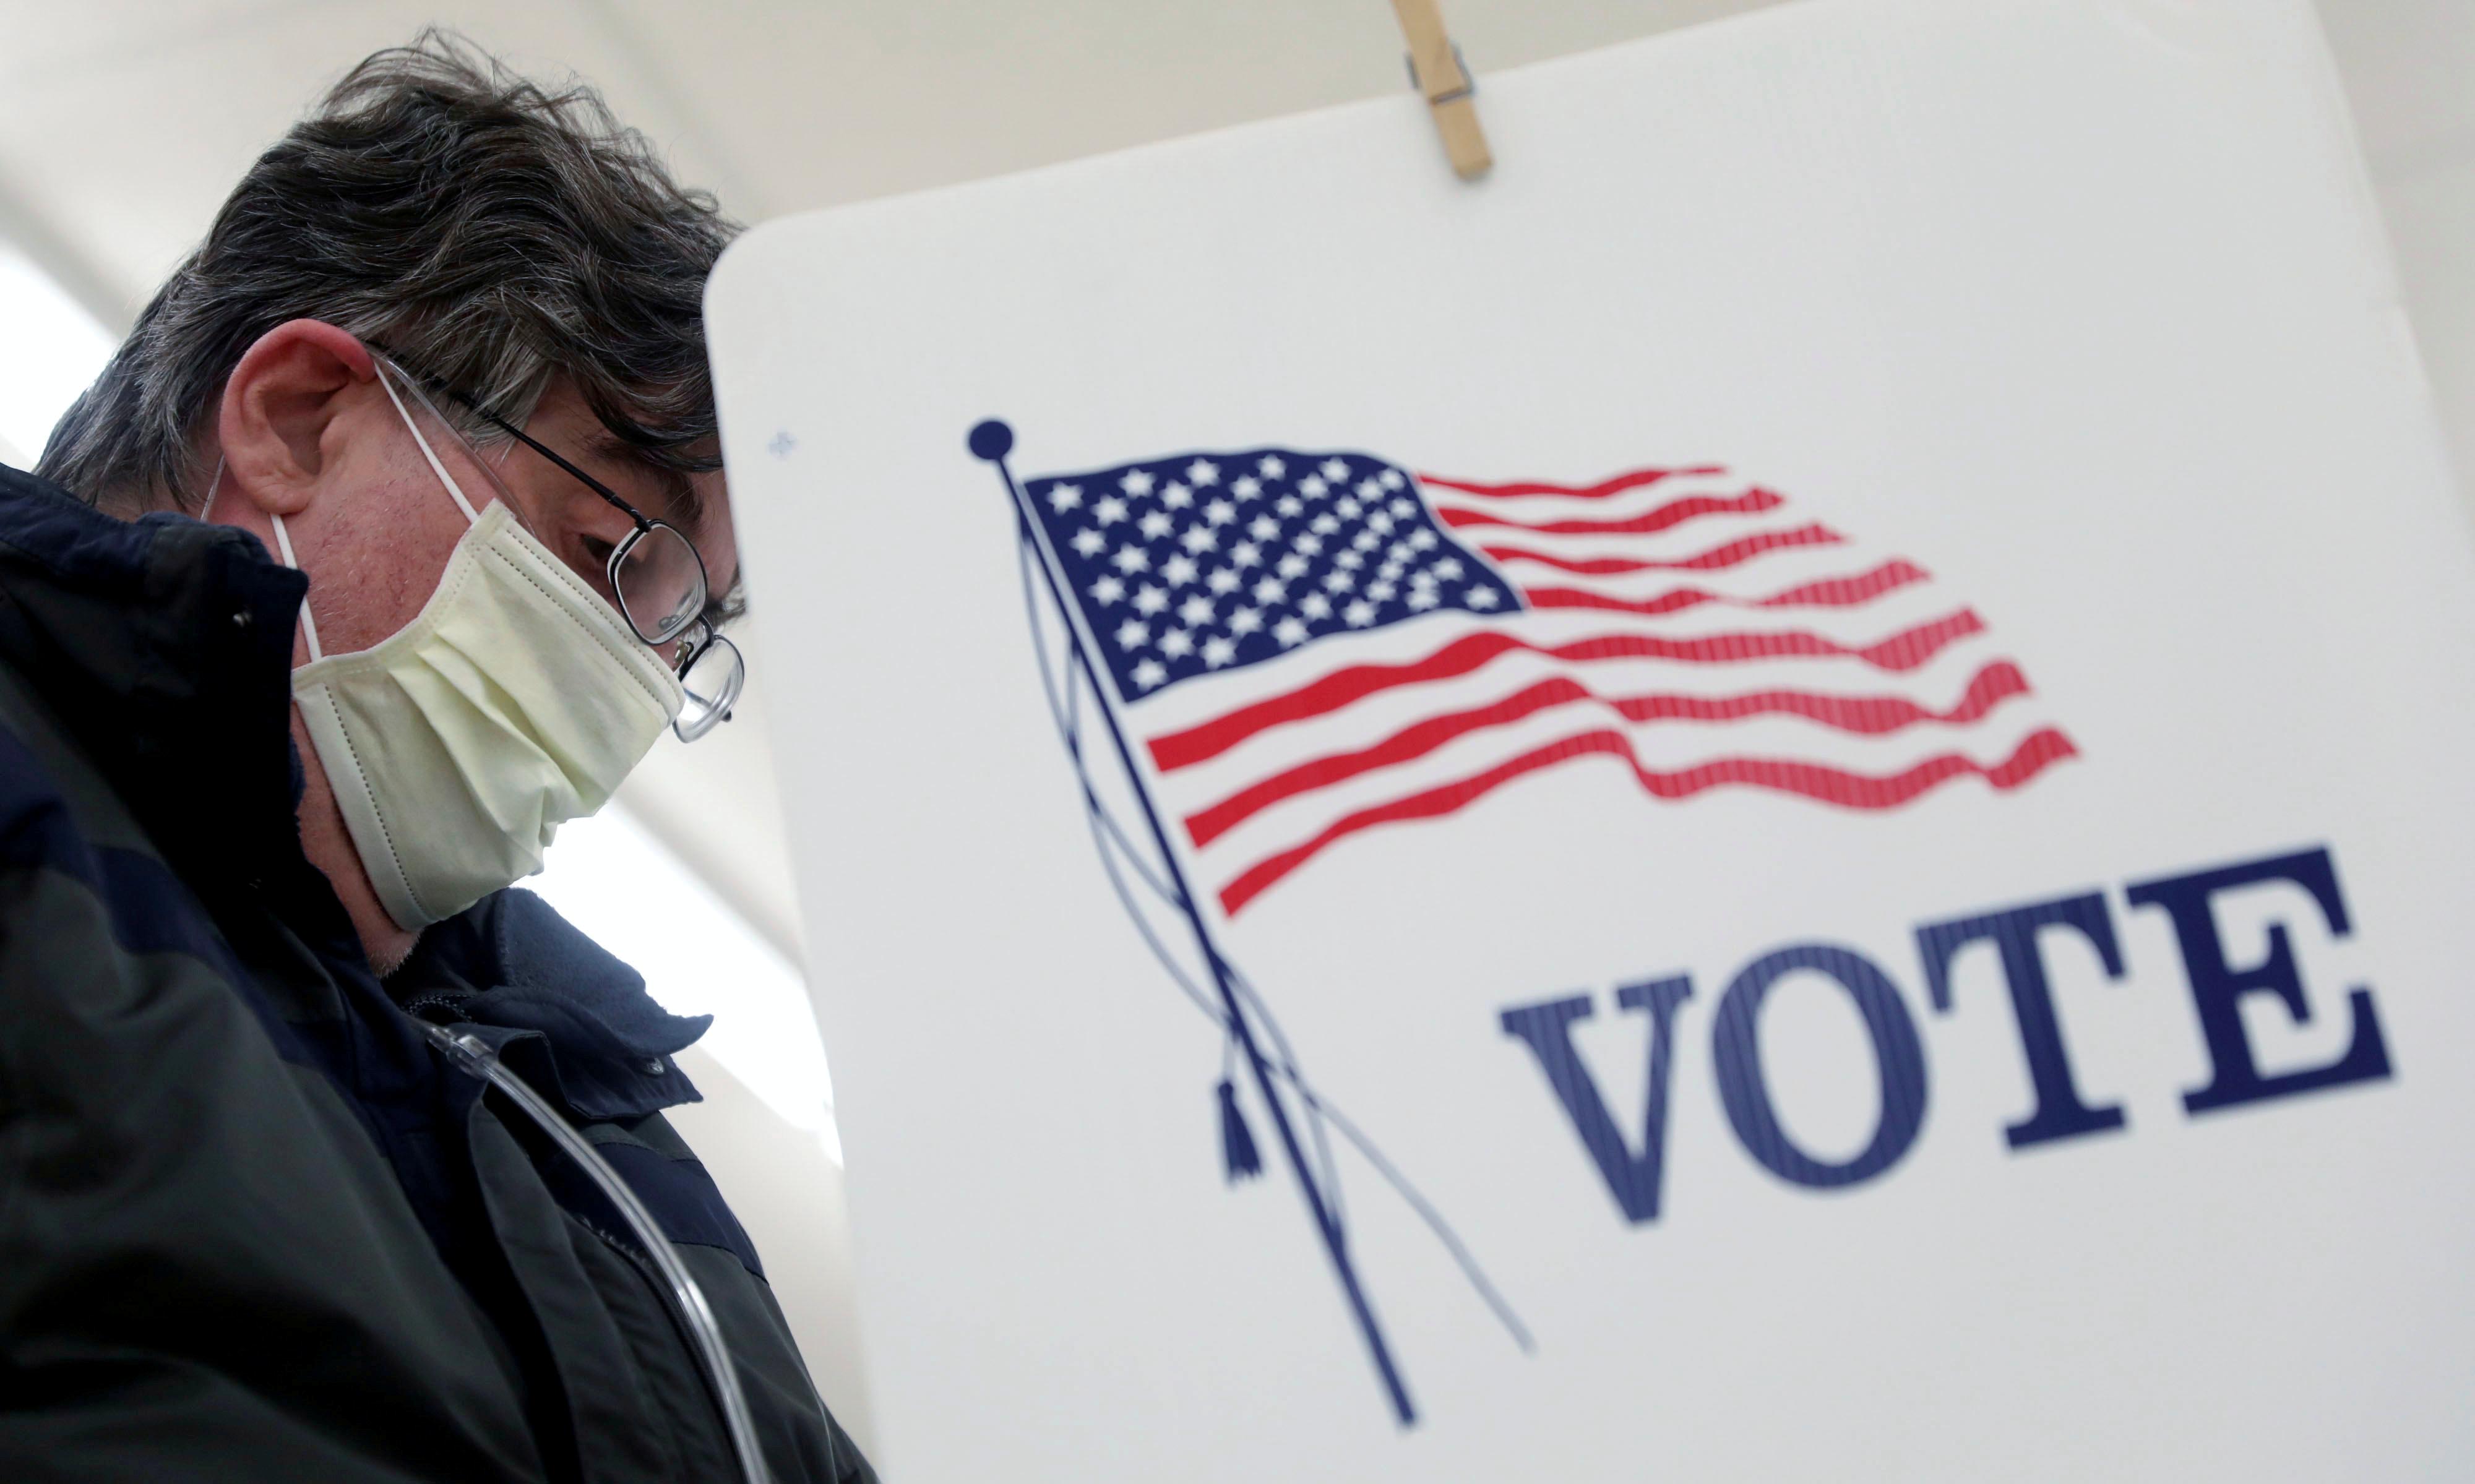 الكمامة والجائحة تؤثران في ميول التصويت في الانتخابات الرئاسية المقبلة